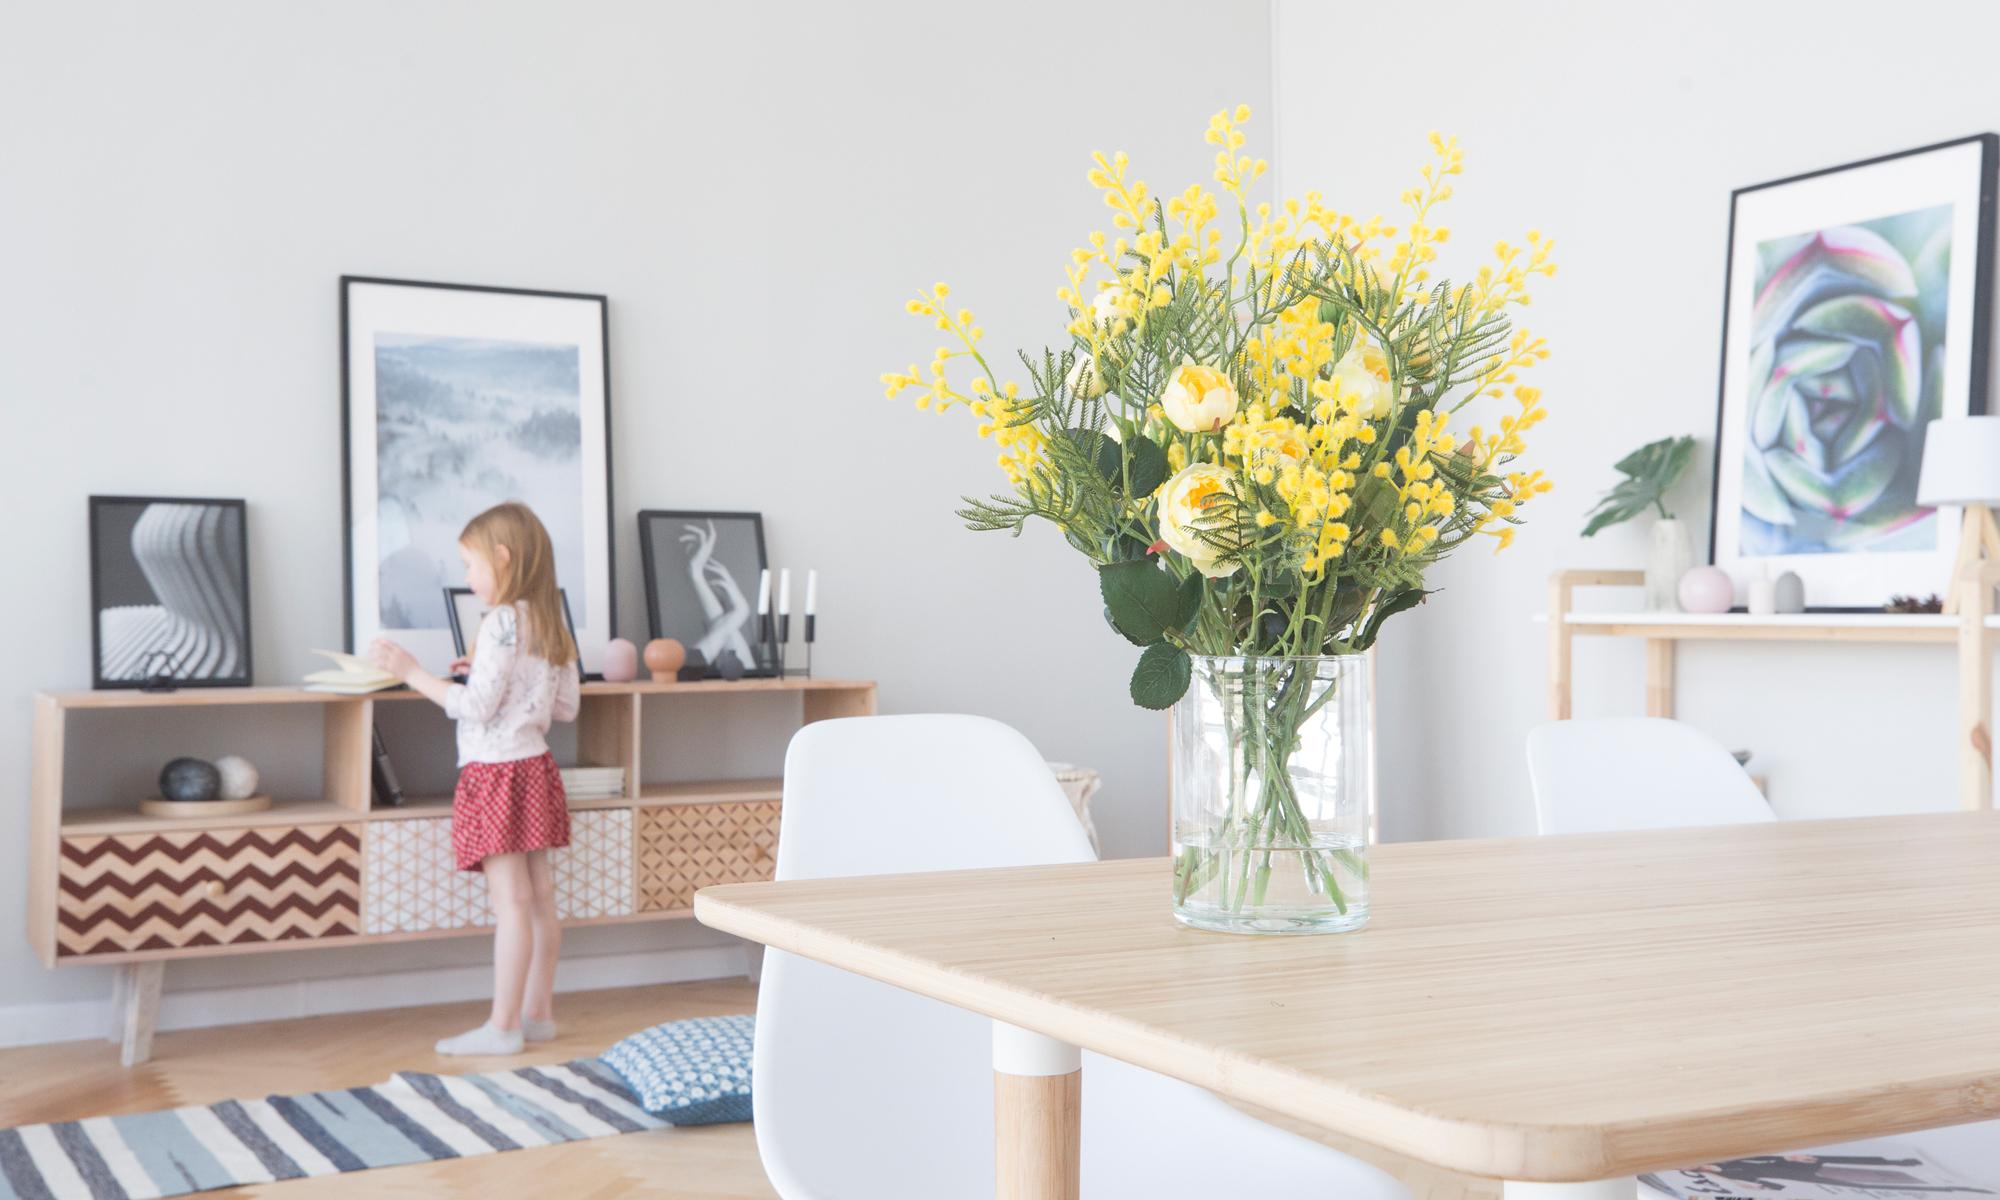 Купить Композиция из искусственных цветов - мимоза и розы лотте, inmyroom, Россия